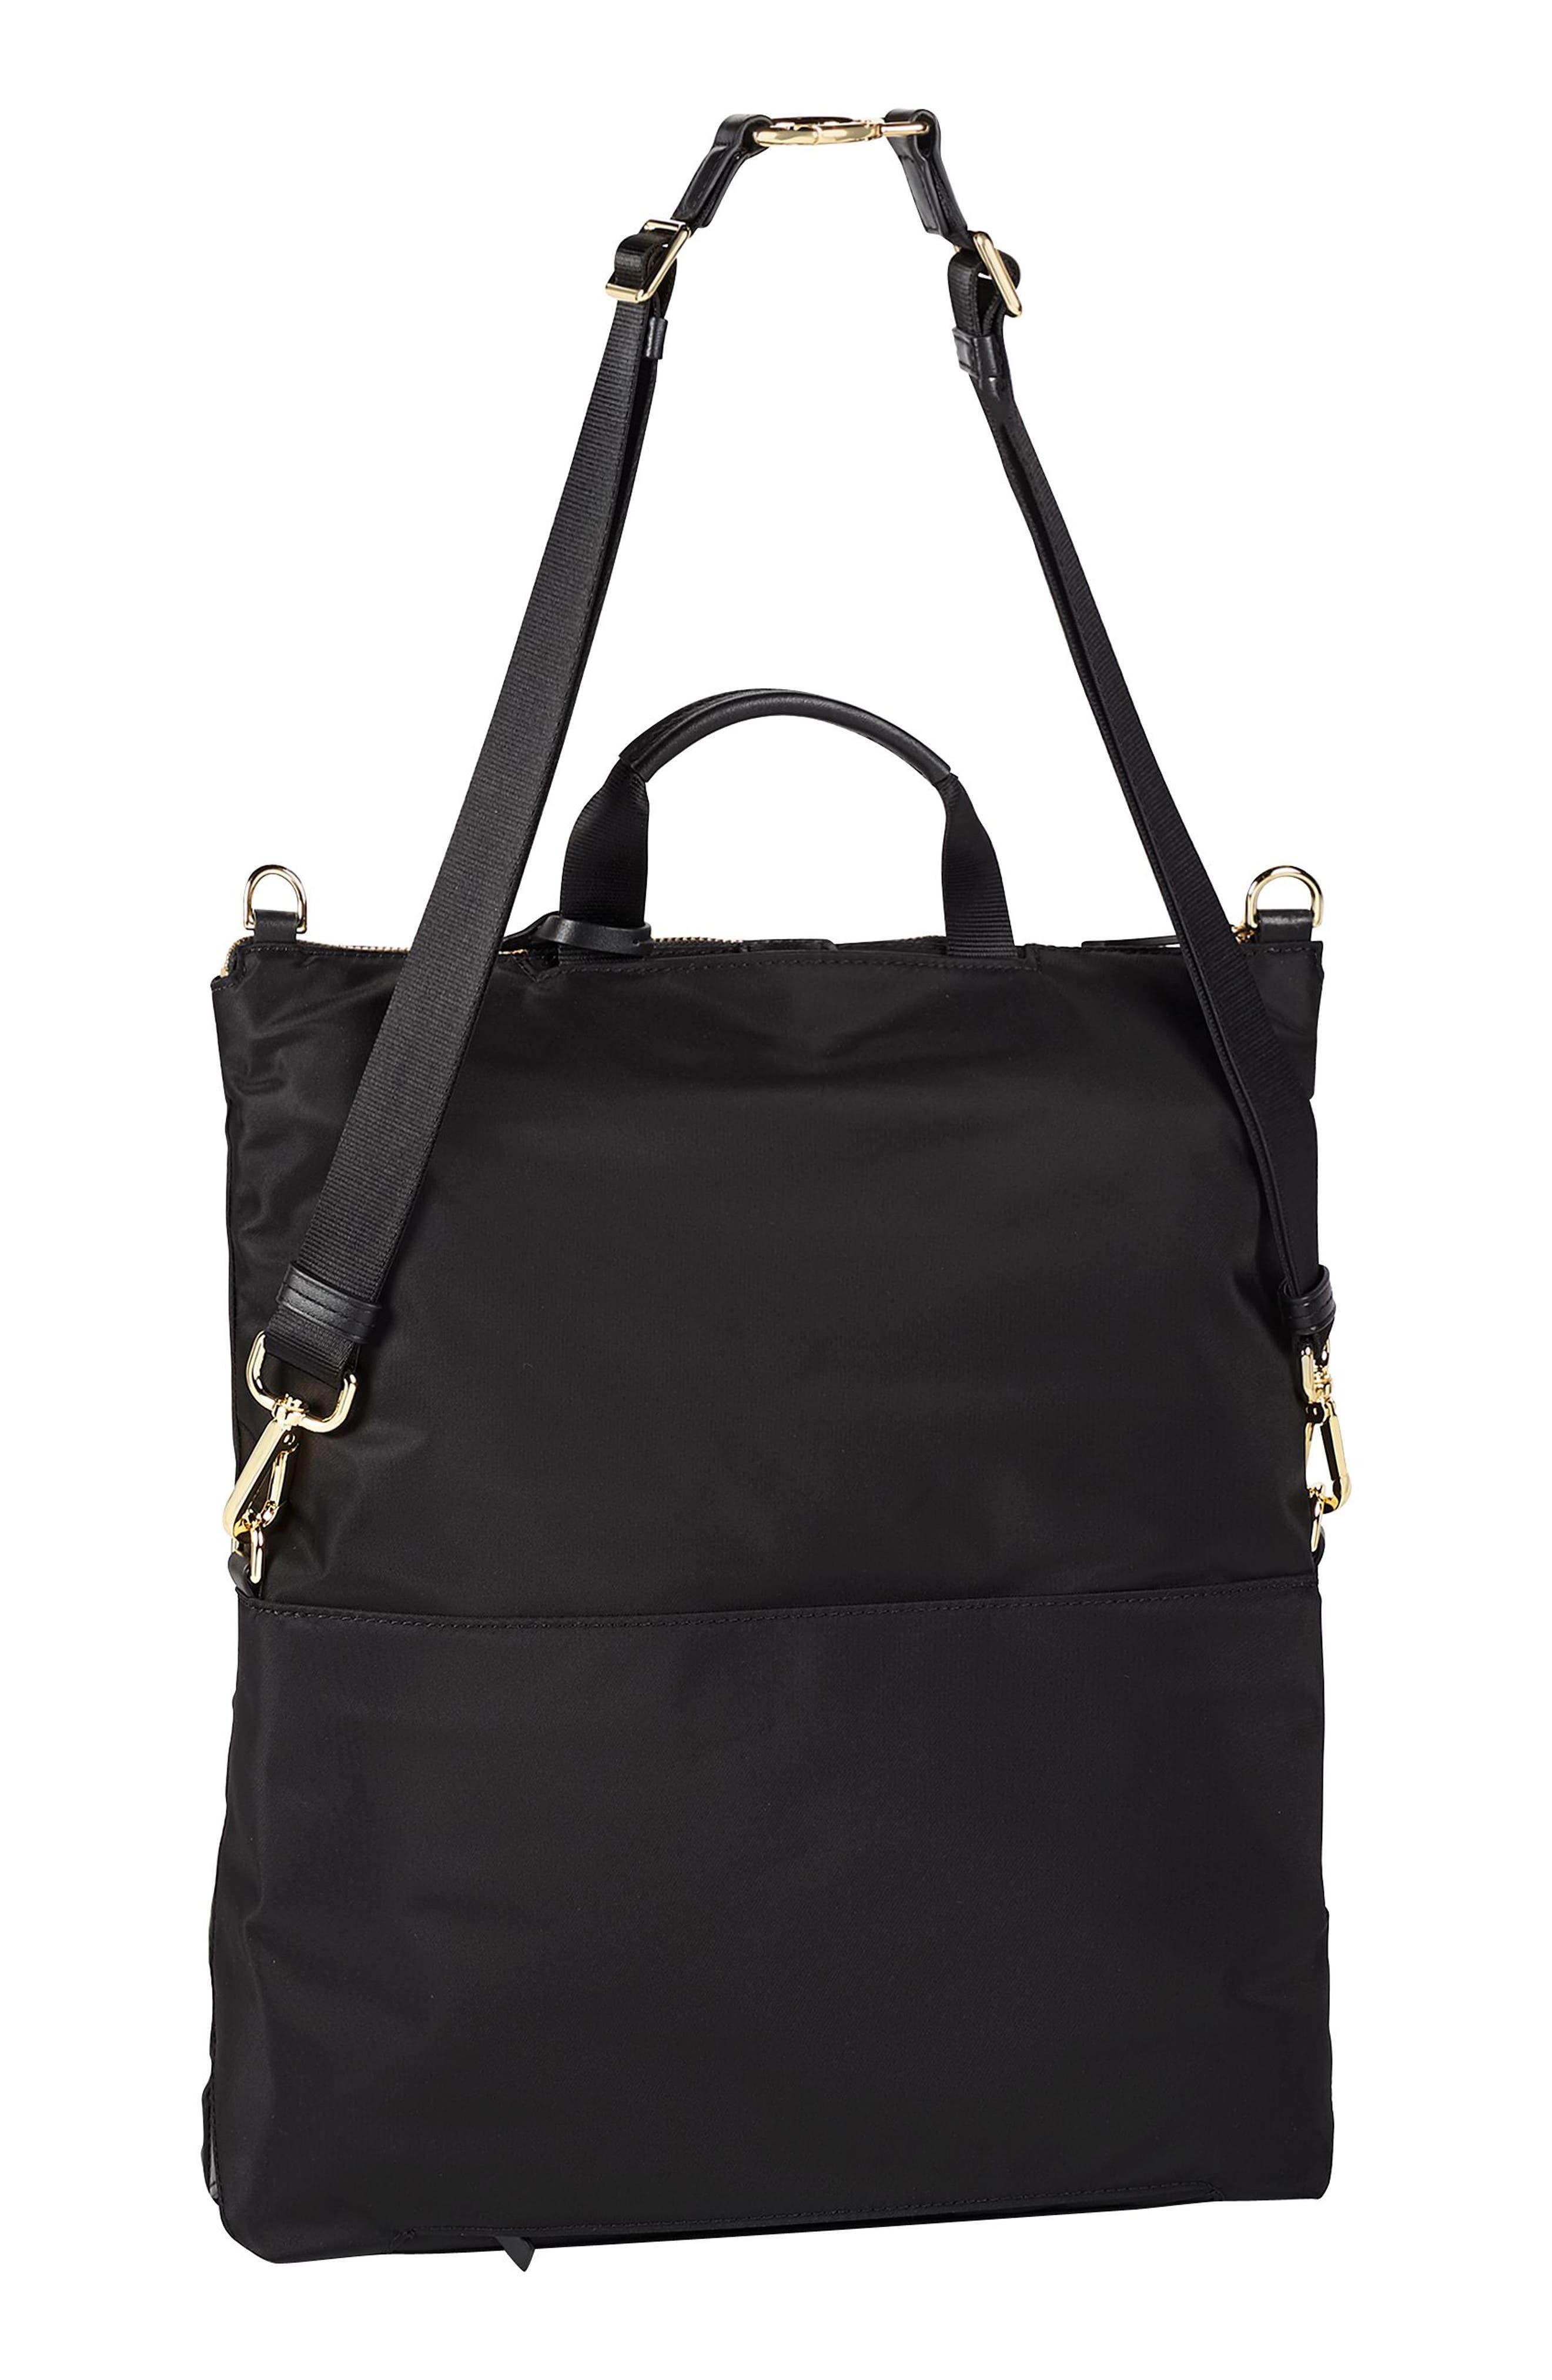 TUMI, Voyageur Jena Nylon Convertible Backpack, Alternate thumbnail 6, color, BLACK